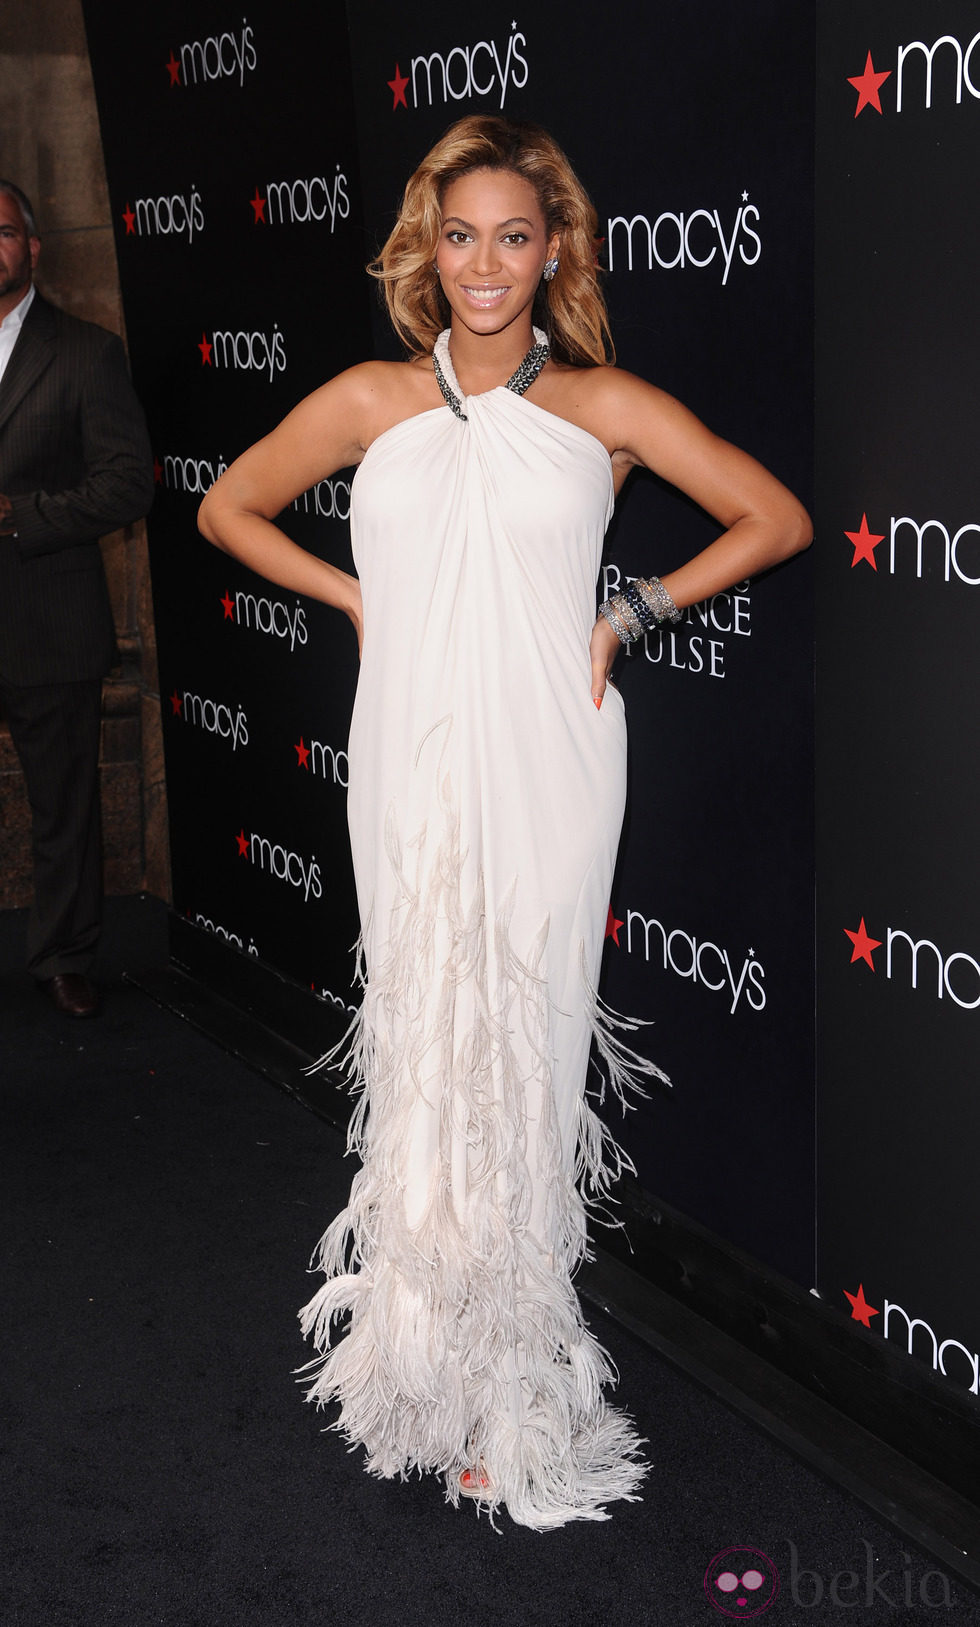 La cantante Beyoncé, embarazada, en la presentación de su nuevo perfume